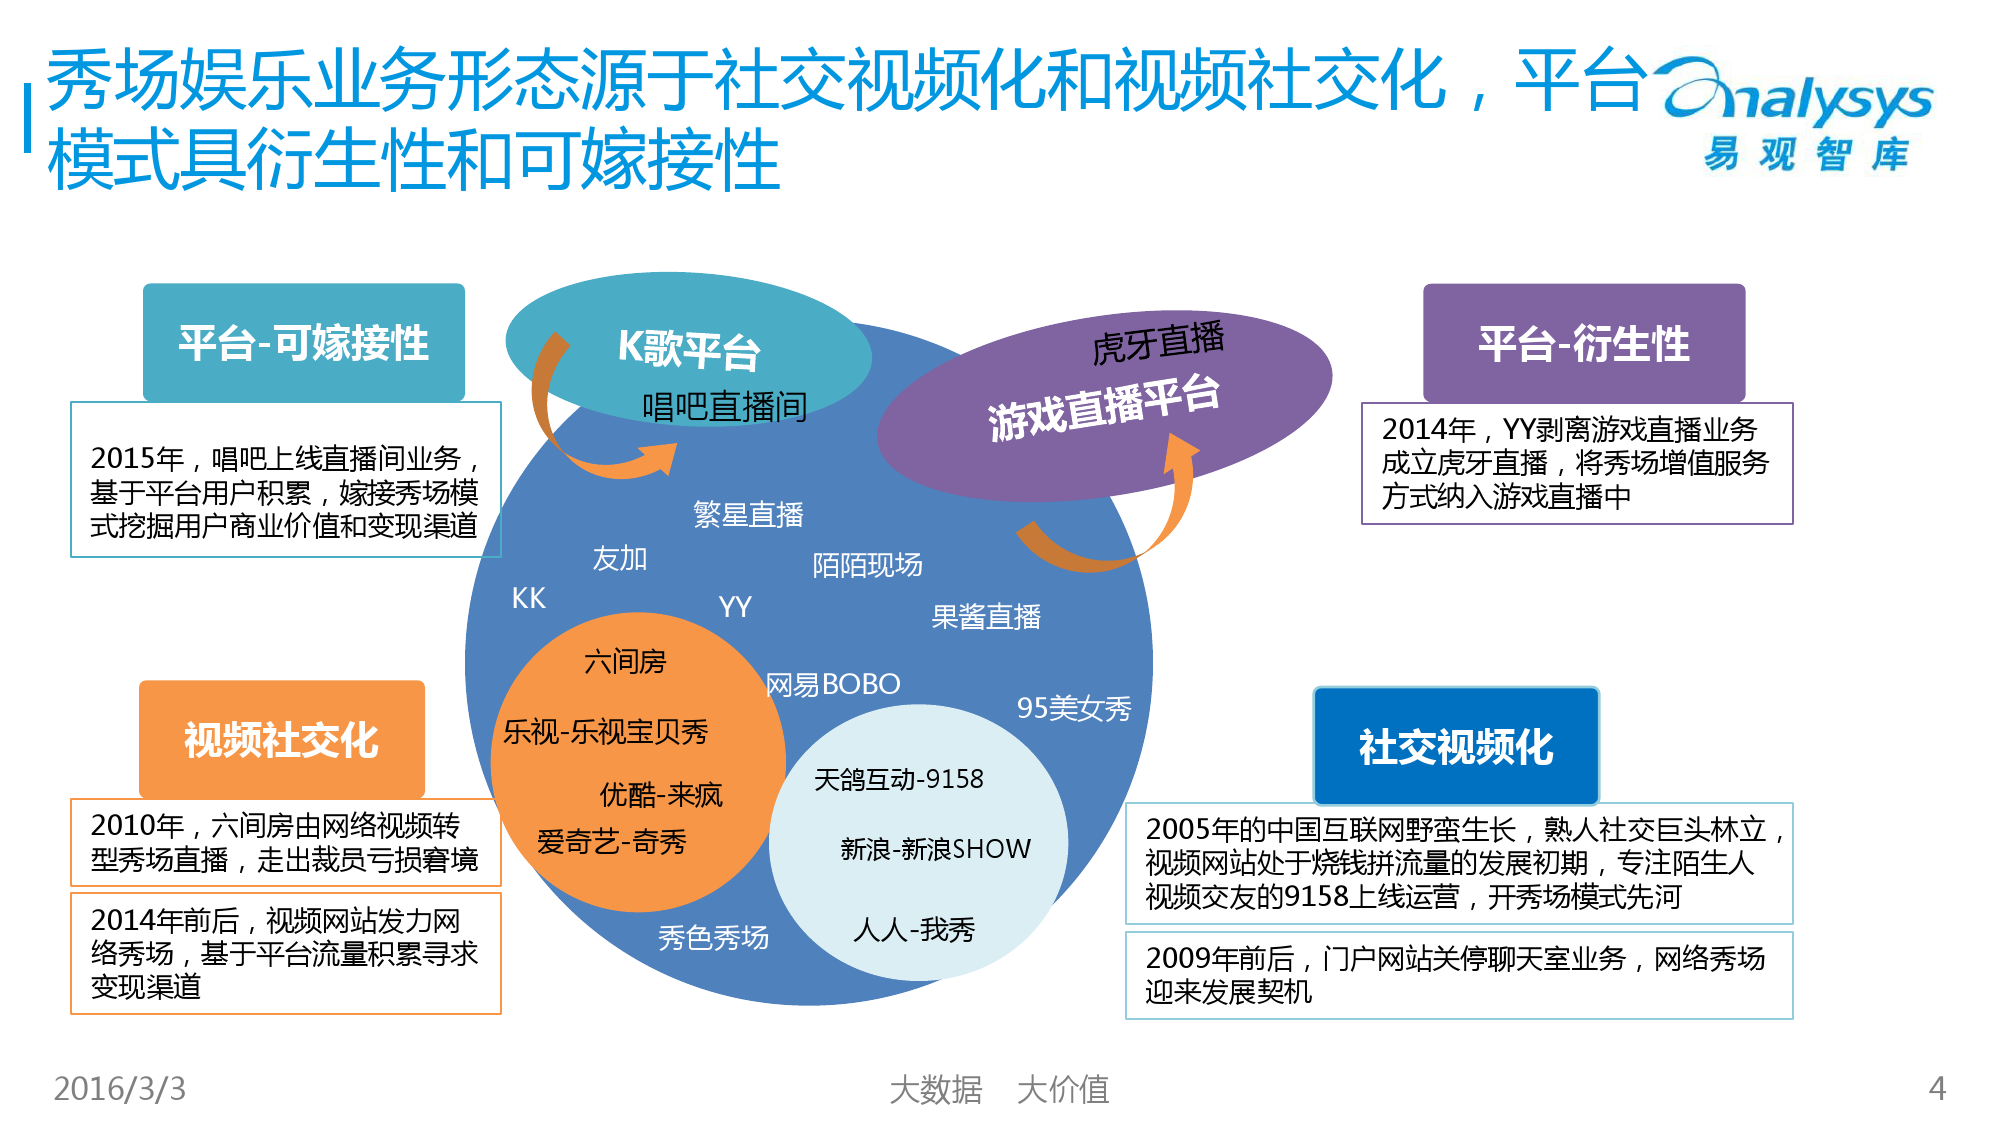 中国秀场娱乐市场专题研究报告2016_000004